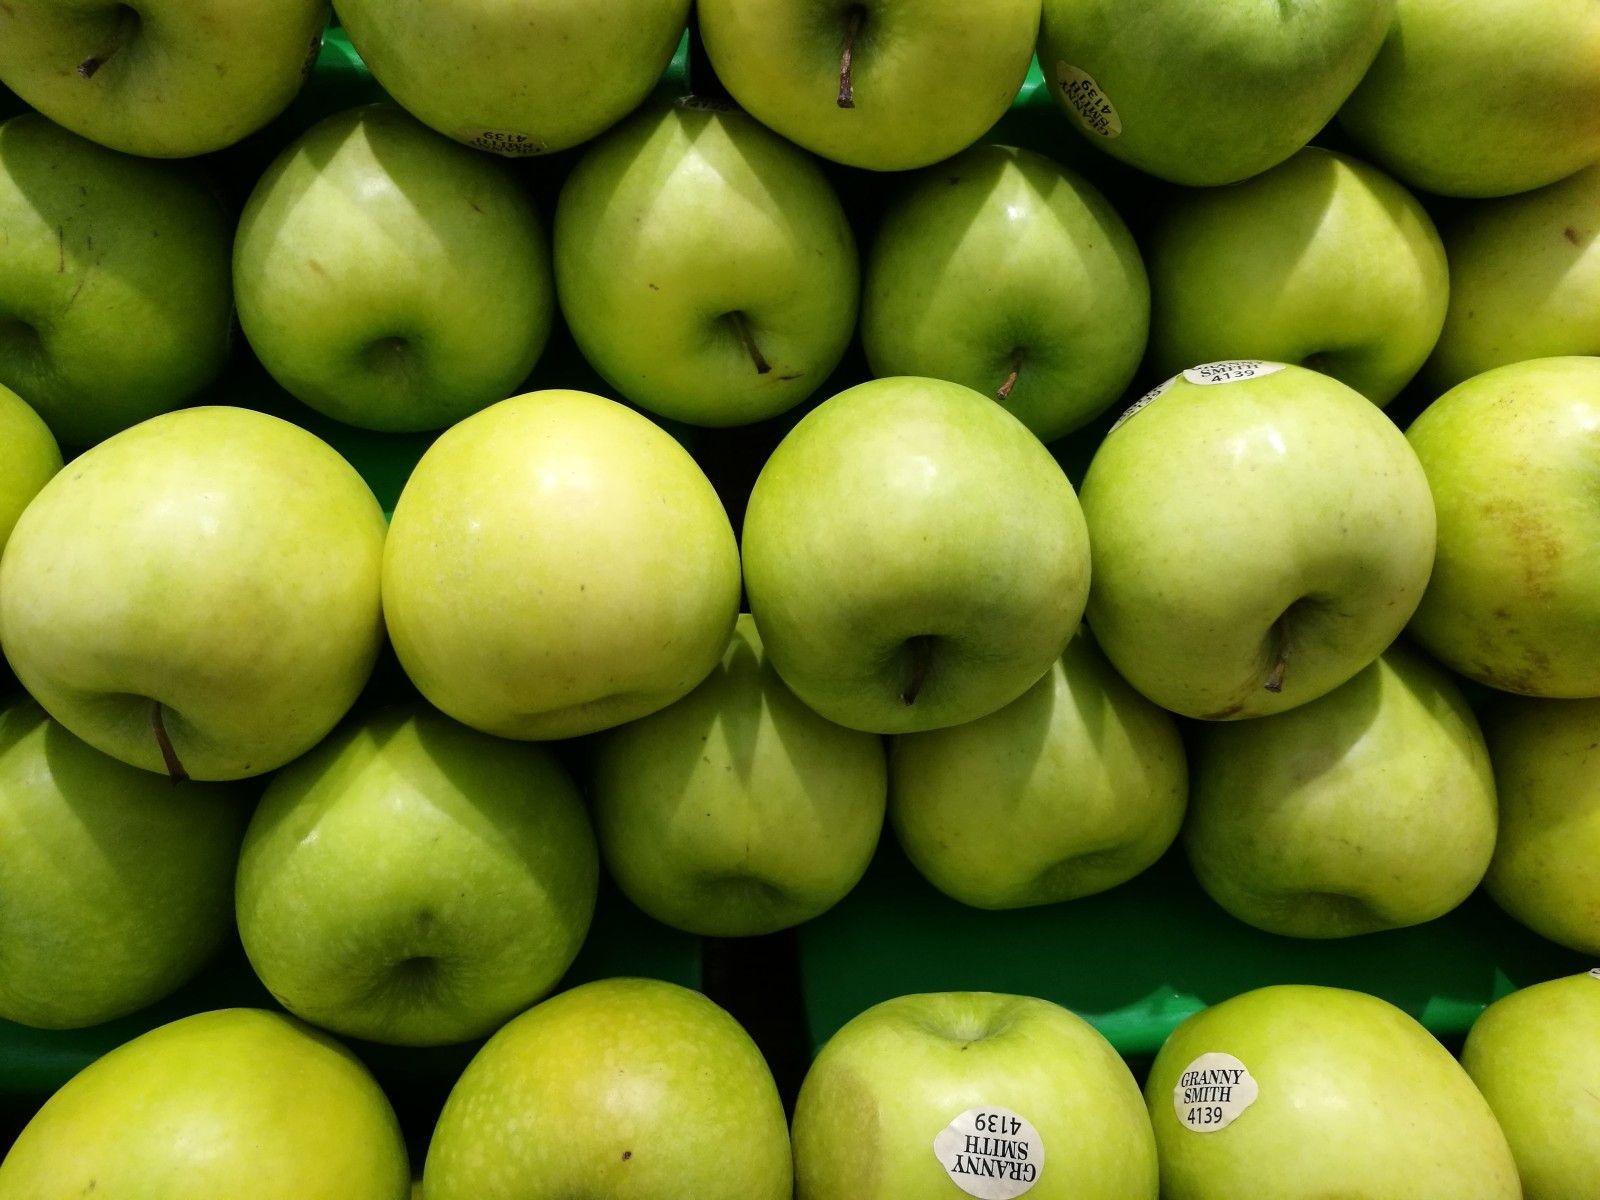 """Diese App erscannt Pestizide auf Lebensmitteln - """"Hawk Spex mobile"""" durchleuchtet Objekte –            CODECHECK.INFO"""